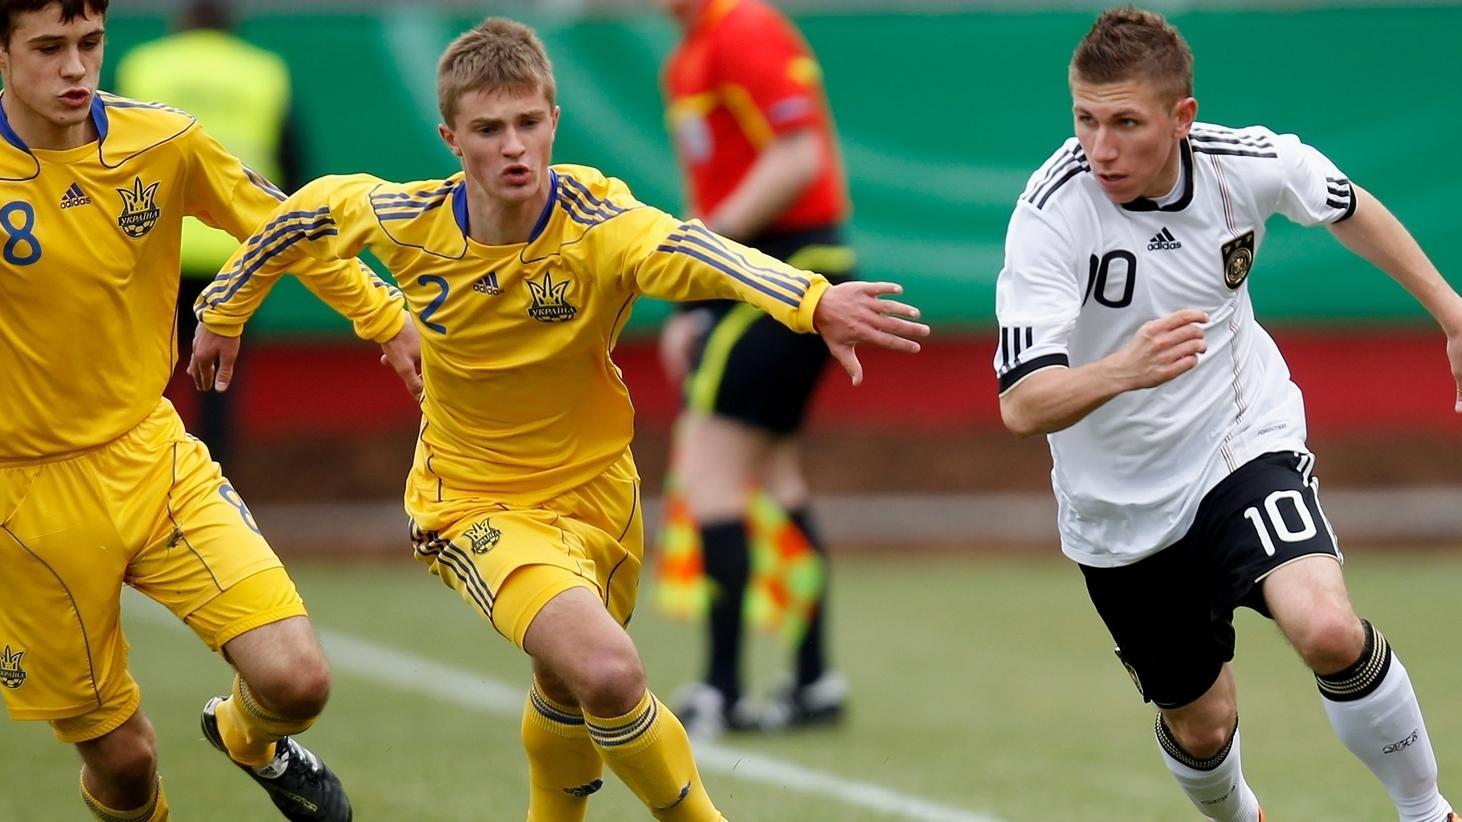 Fussball Deutschland Ukraine